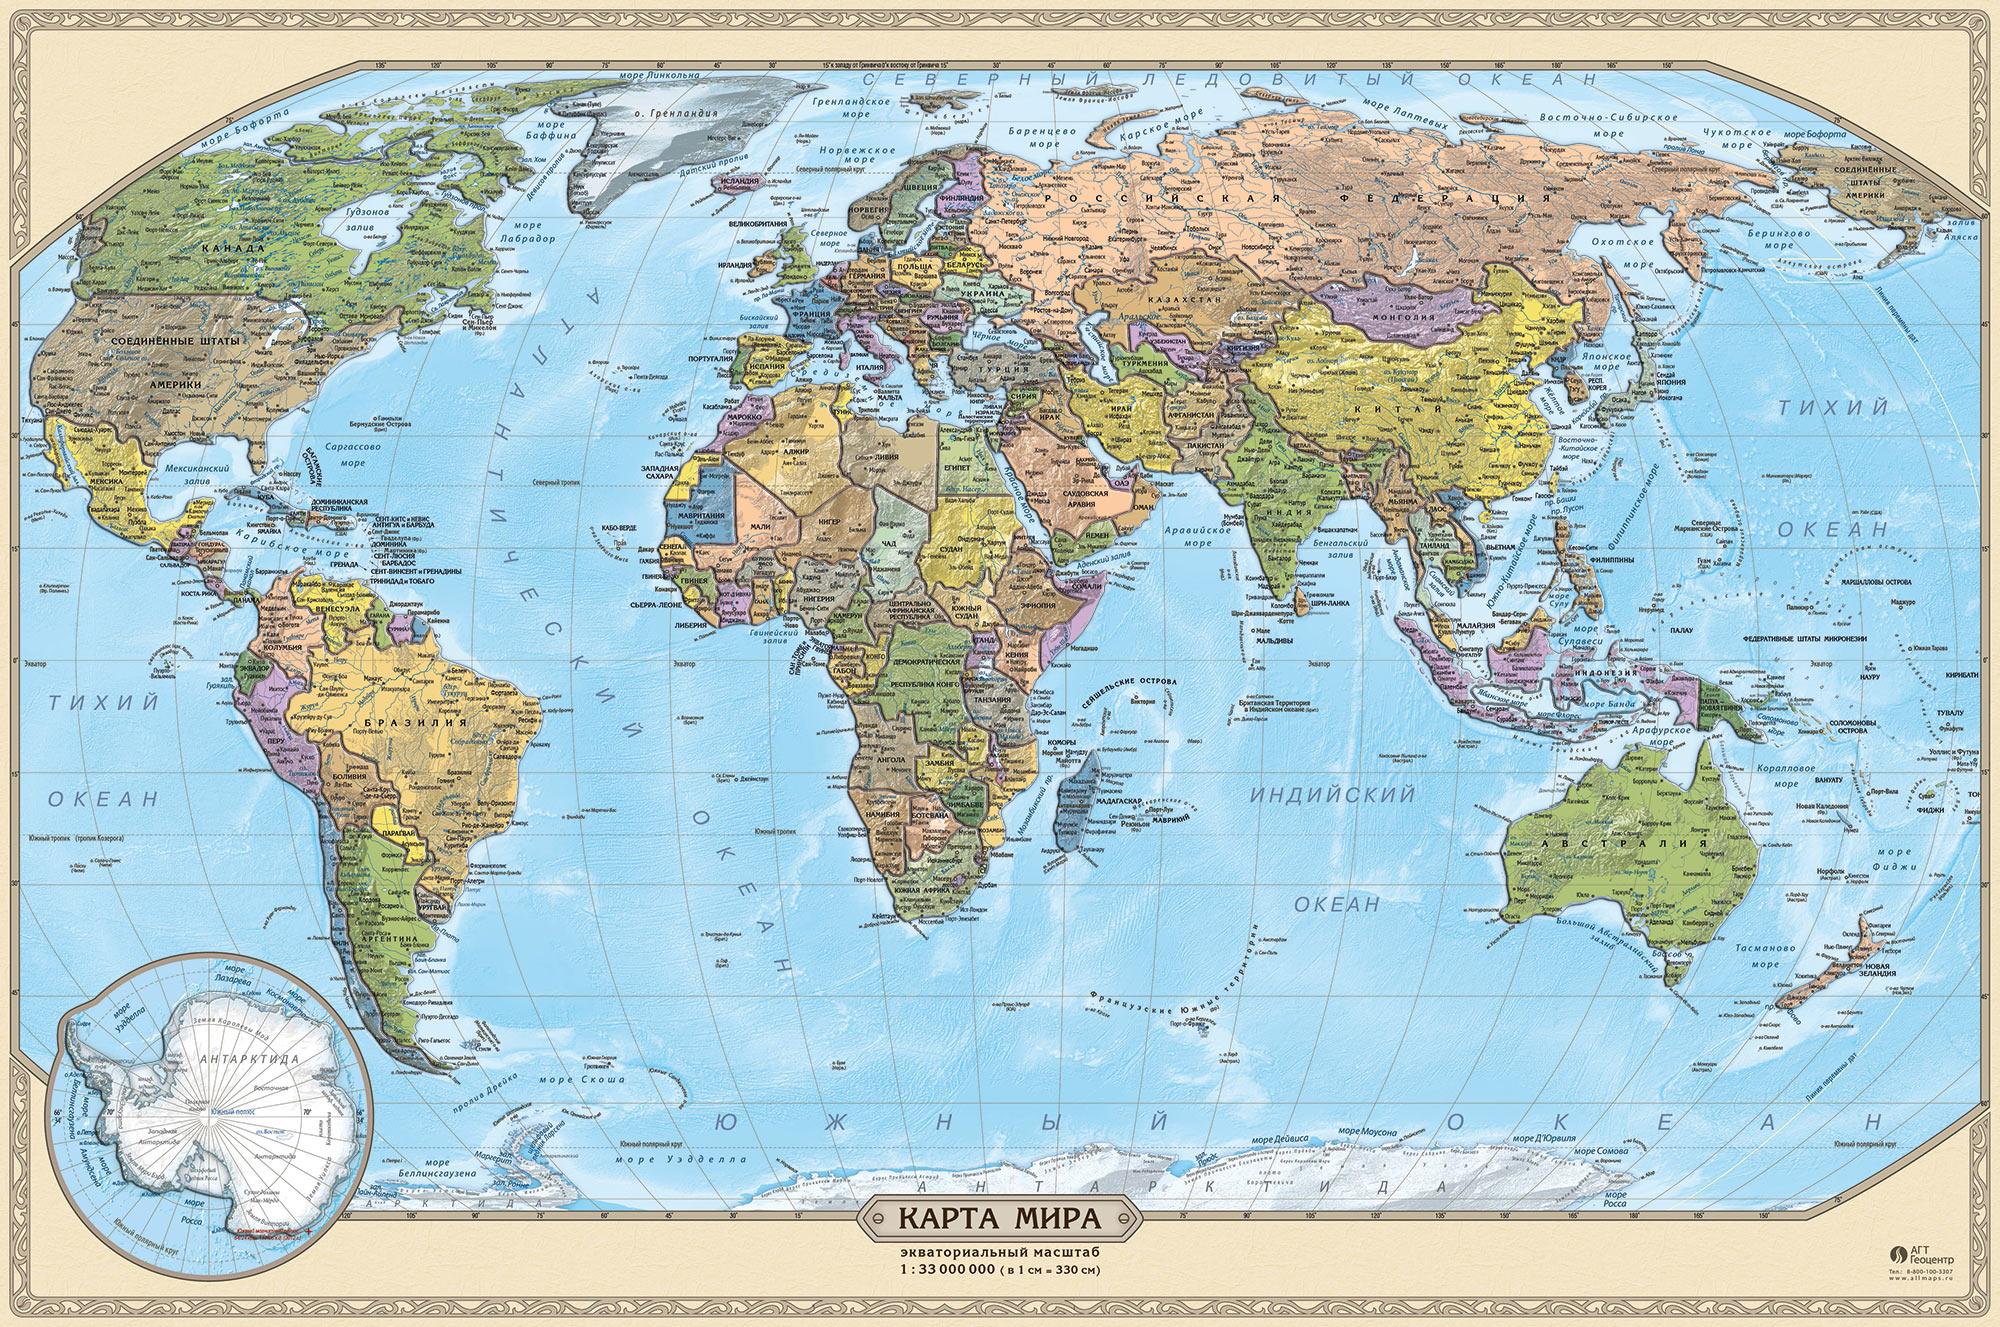 будущей картинки карт мира большого разрешения растения